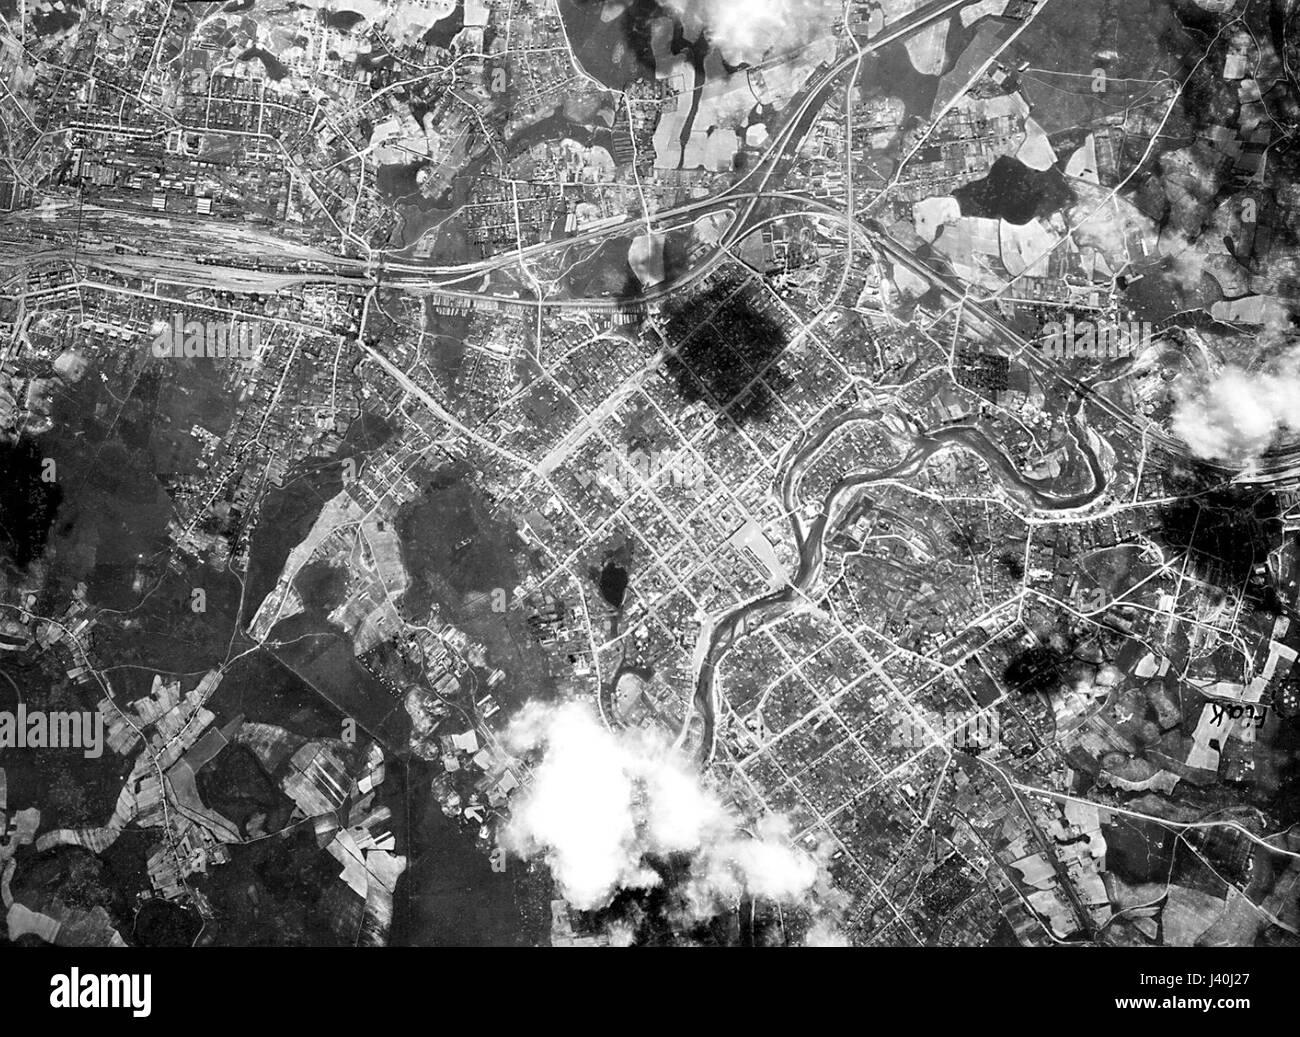 Luftwaffe Velikiye Luki Stock Photo Royalty Free Image - Velikiye luki map